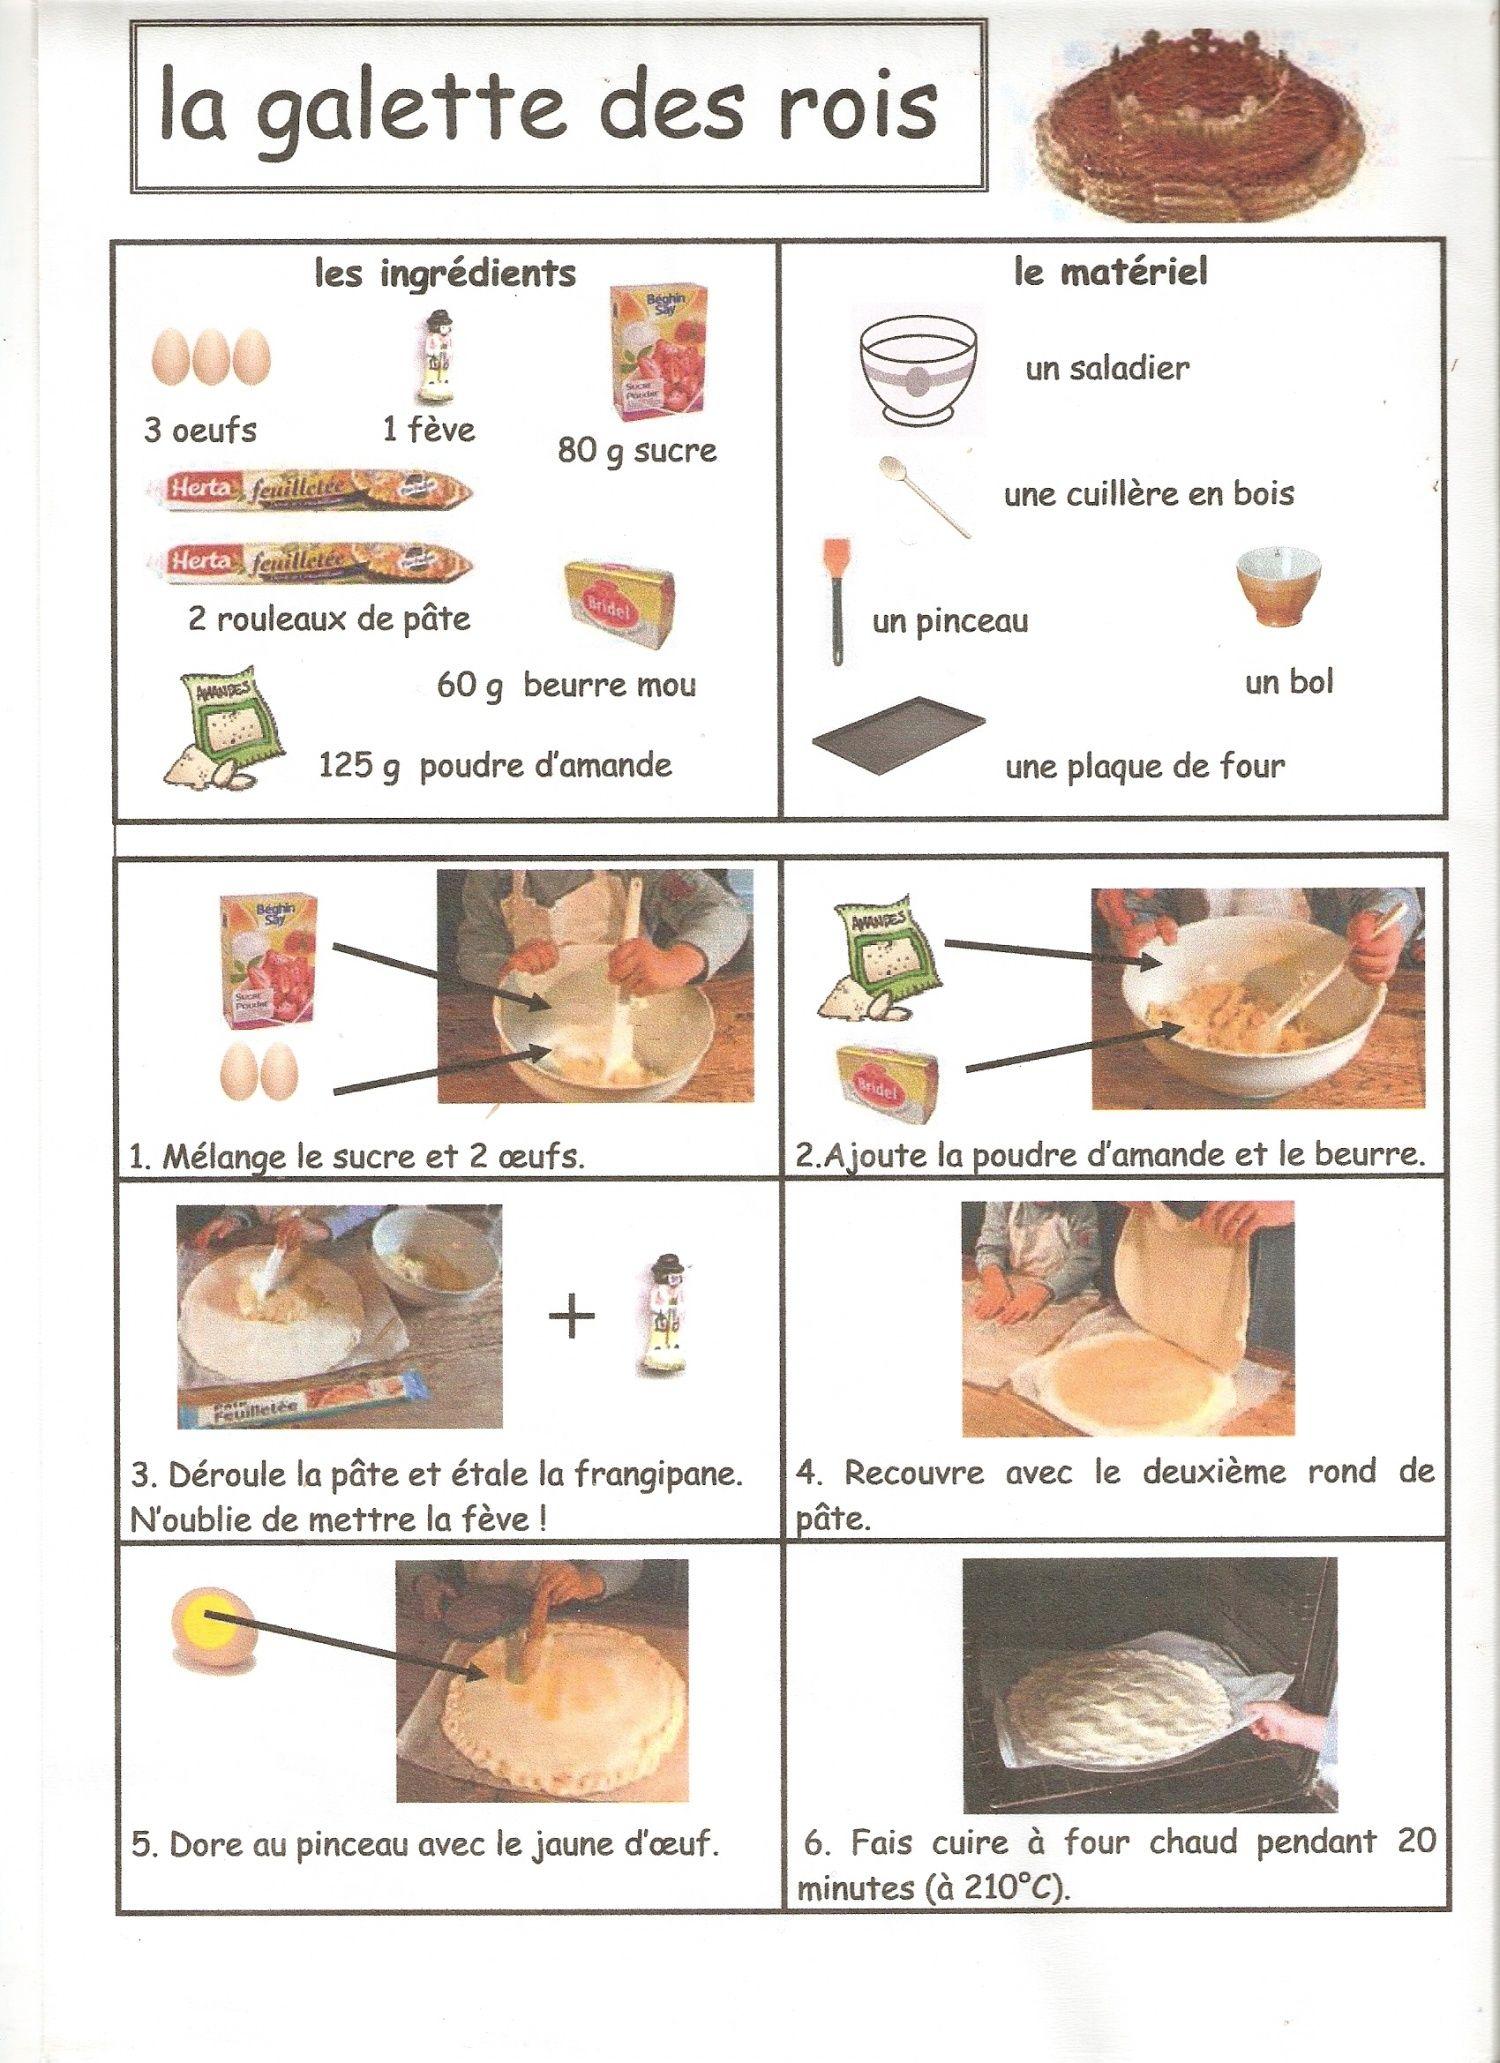 La galette des rois cuisine illustr e desserts cake et recipes - Histoire des recettes de cuisine ...